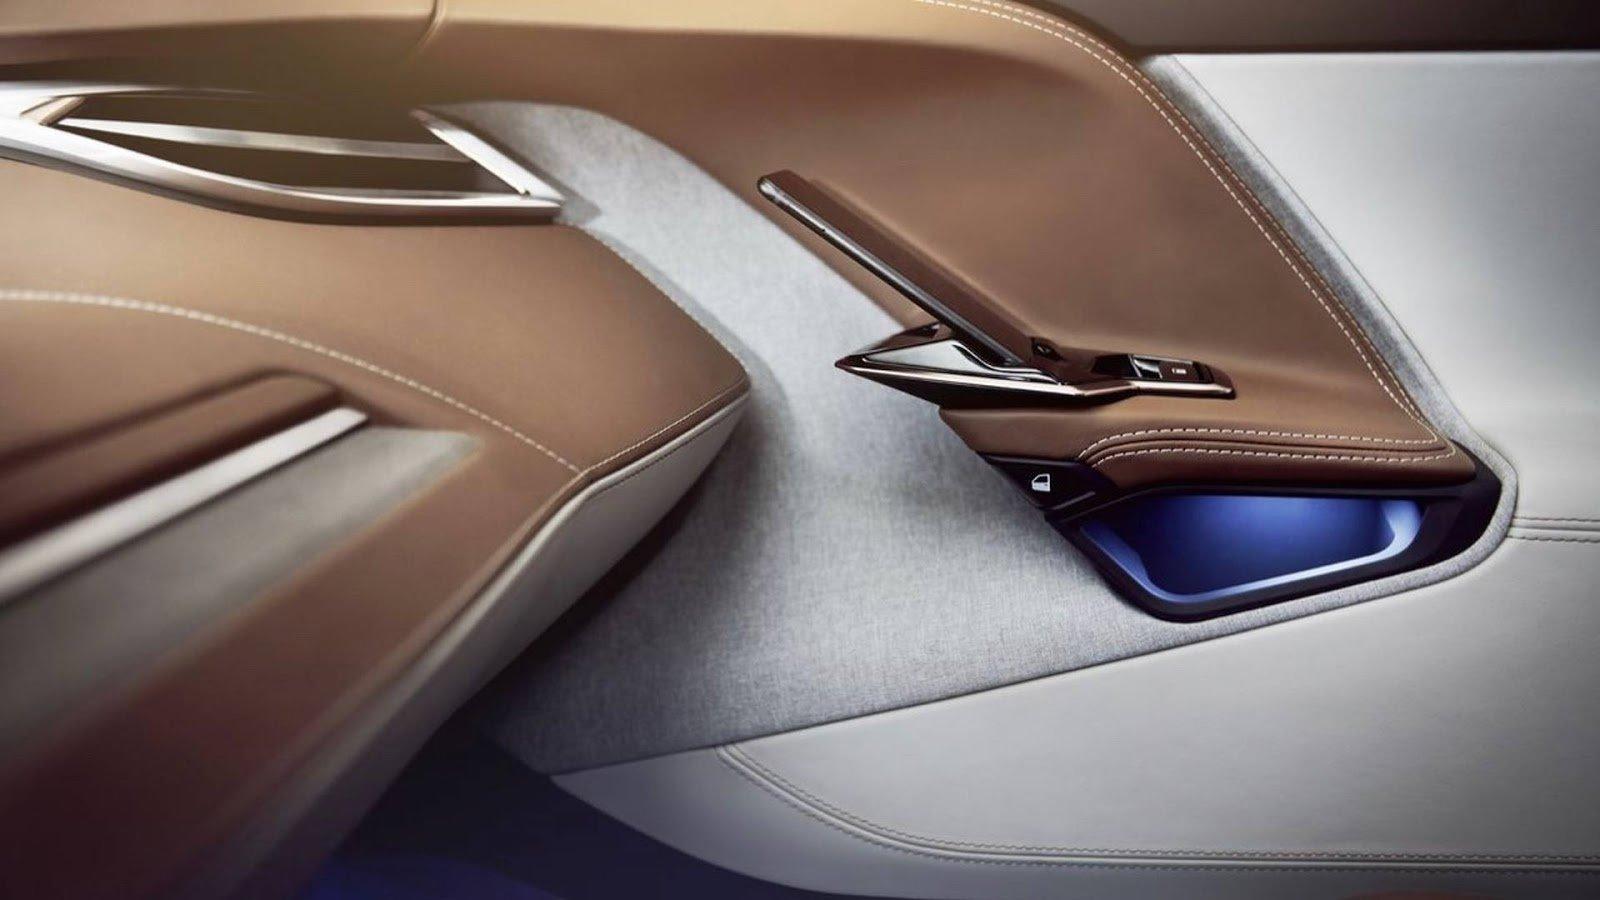 Koncept elektrického crossoveru čínské automobilky Byton